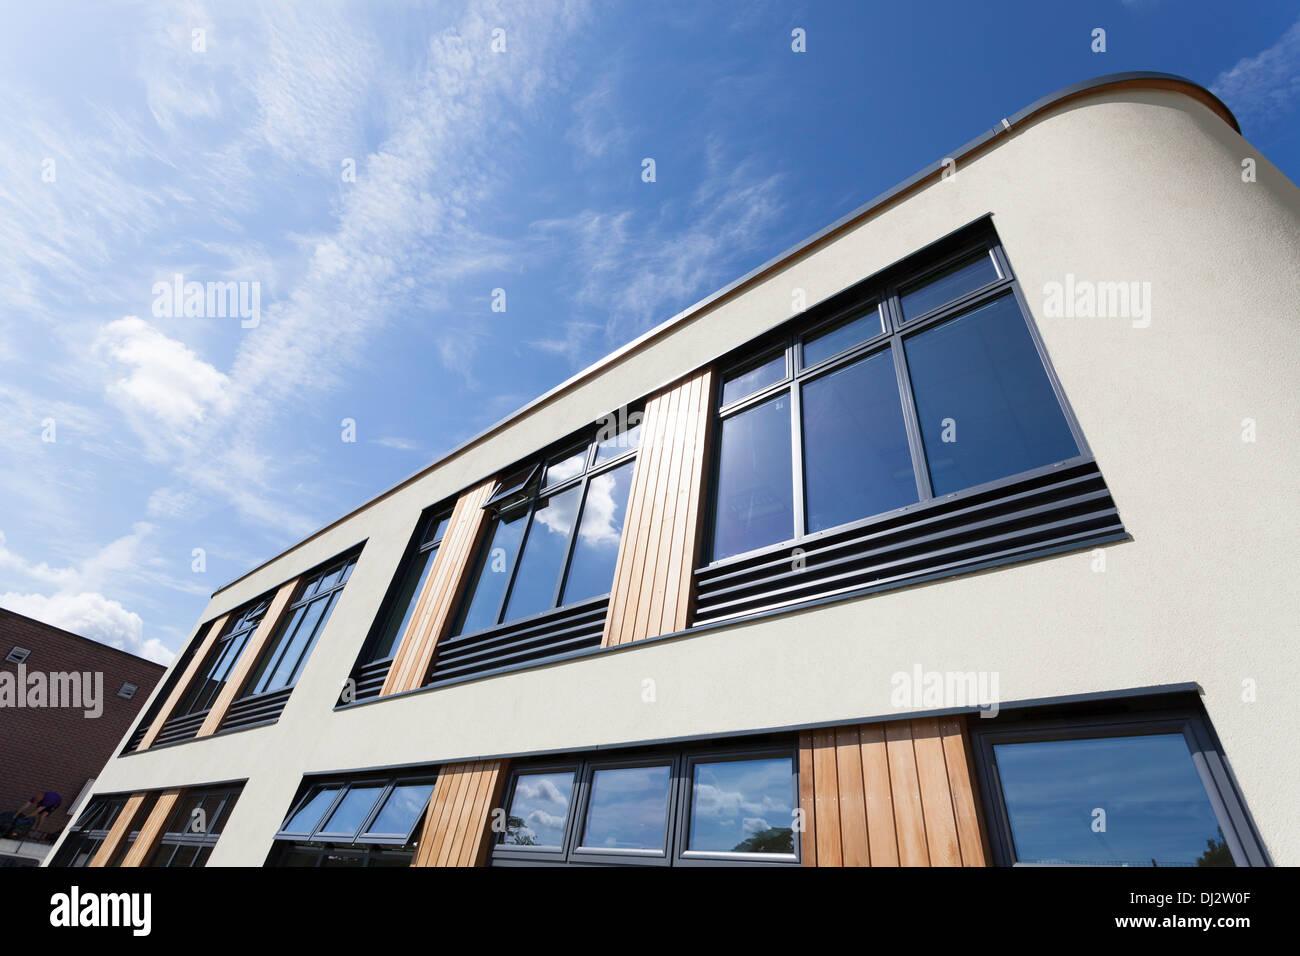 La arquitectura moderna de la escuela exterior. Imagen De Stock